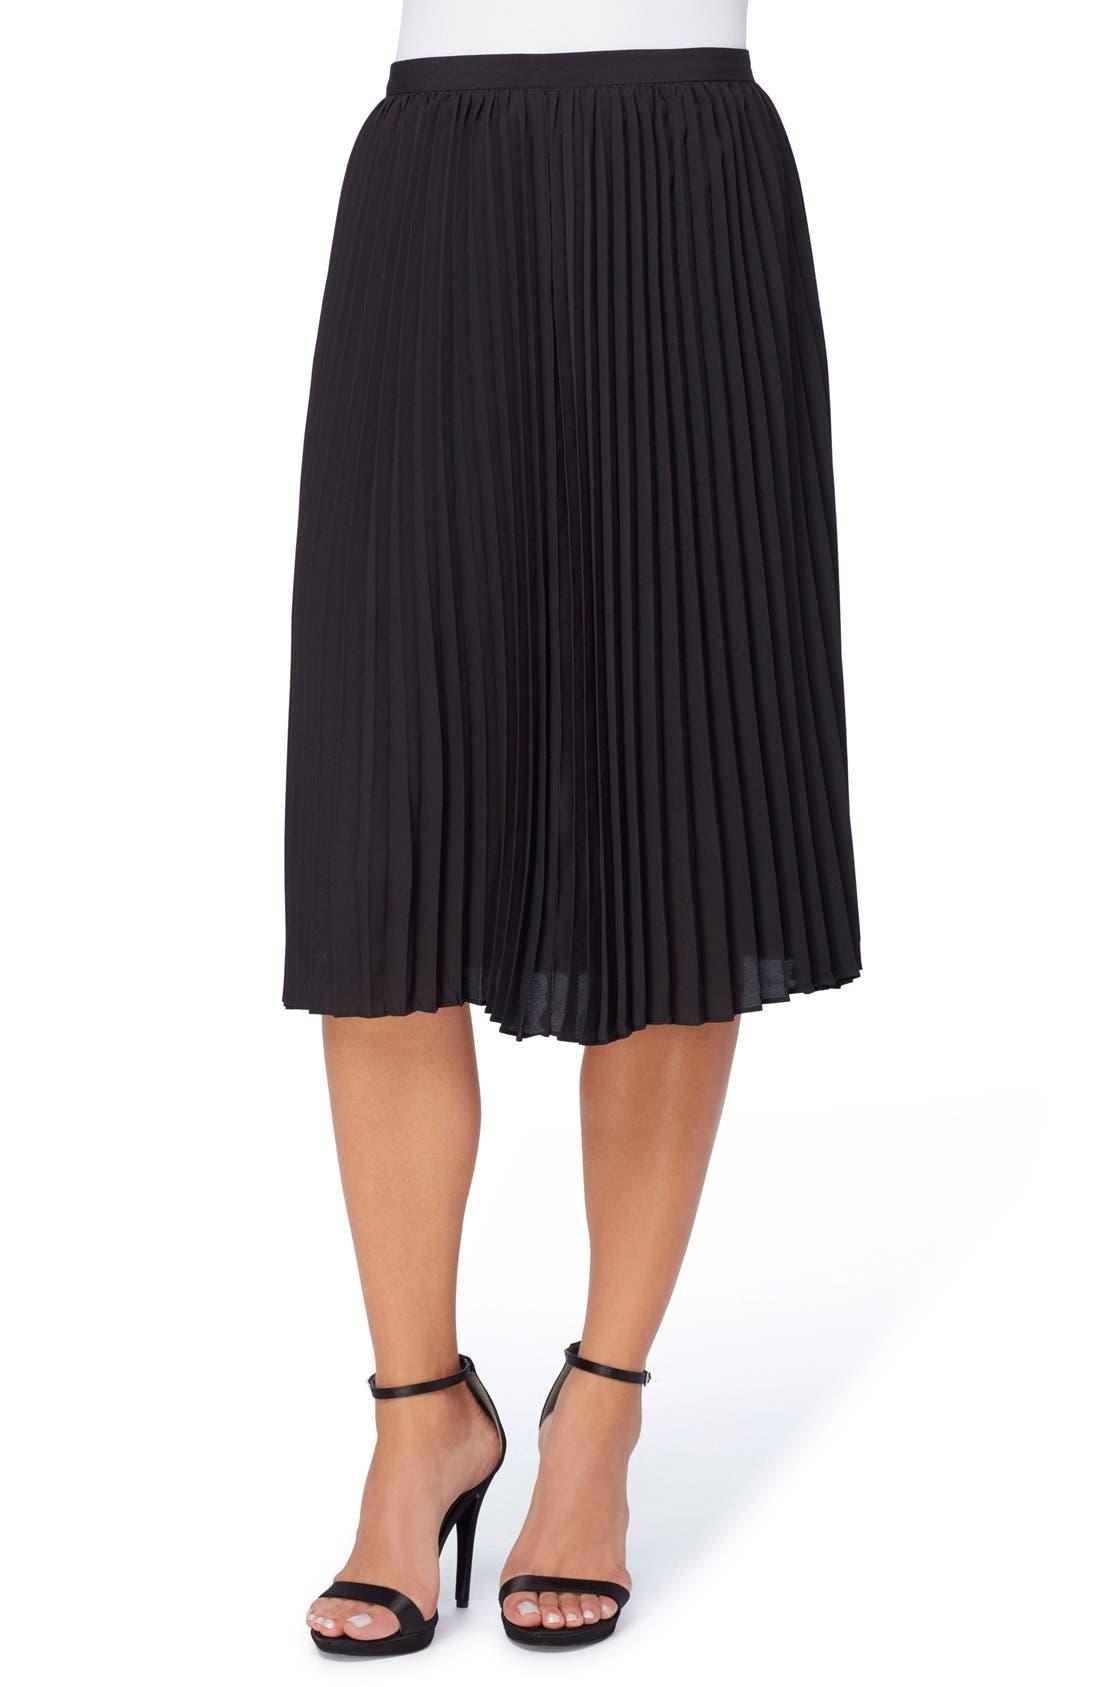 CATHERINE CATHERINE MALANDRINO Sylvia Pleated Chiffon Skirt